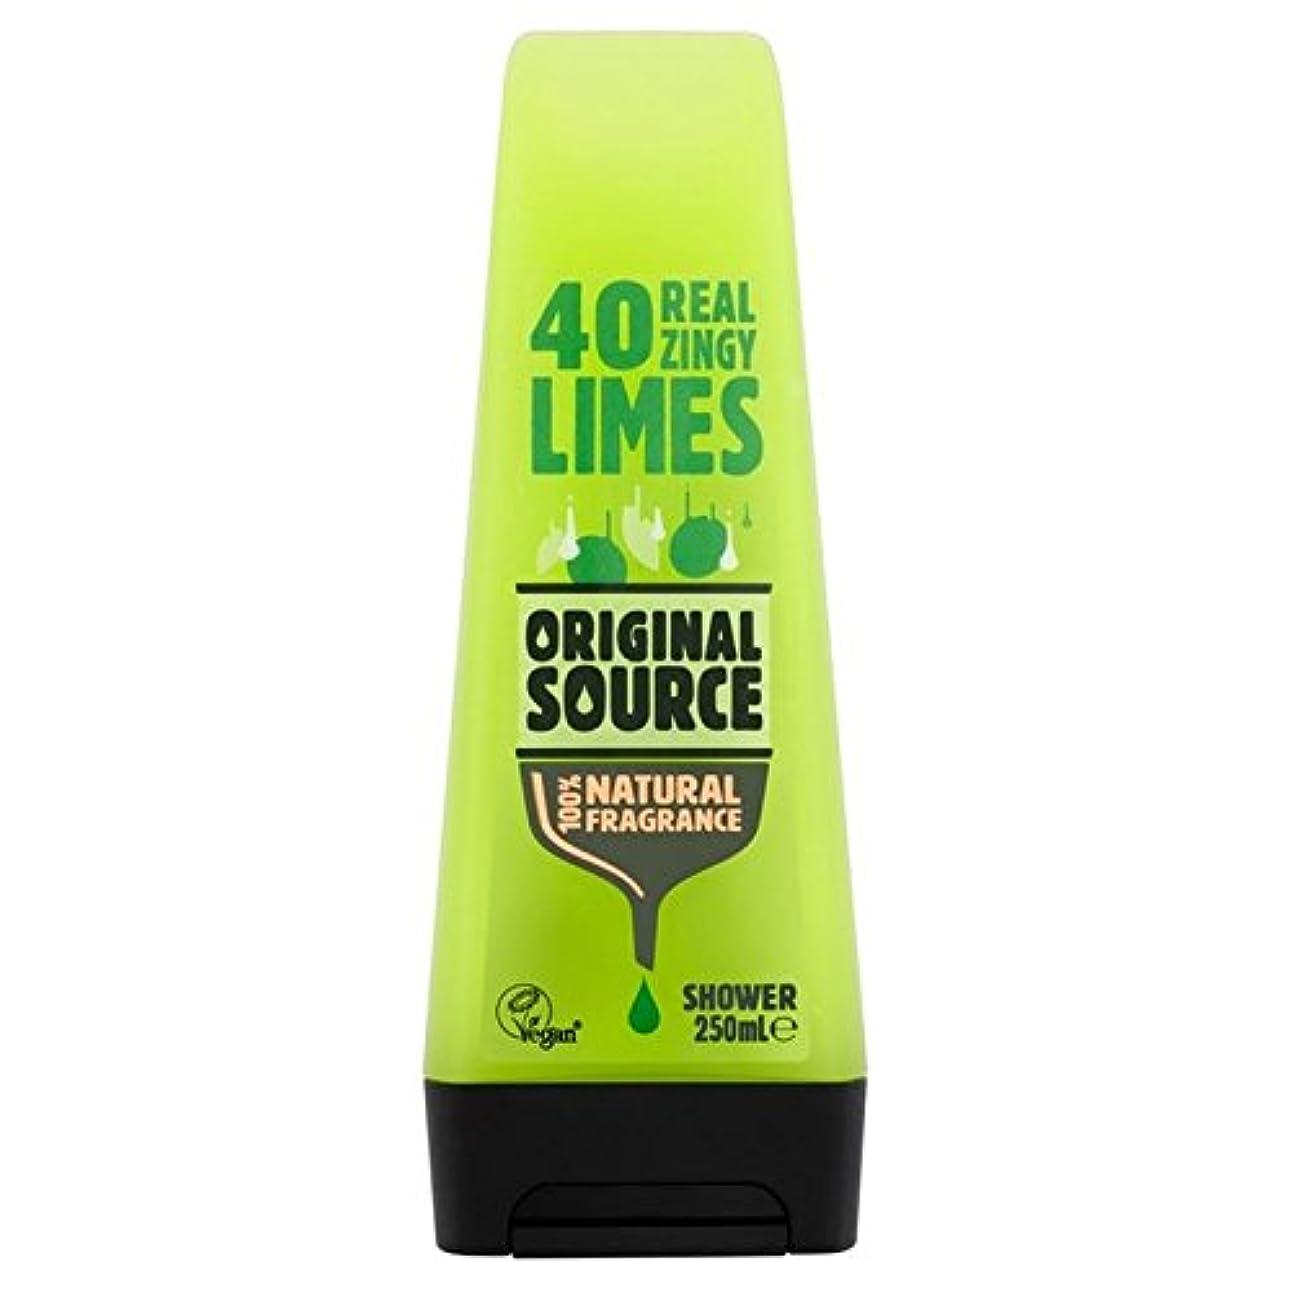 補足広がりサーキュレーション元のソースライムシャワージェル250ミリリットル x2 - Original Source Lime Shower Gel 250ml (Pack of 2) [並行輸入品]